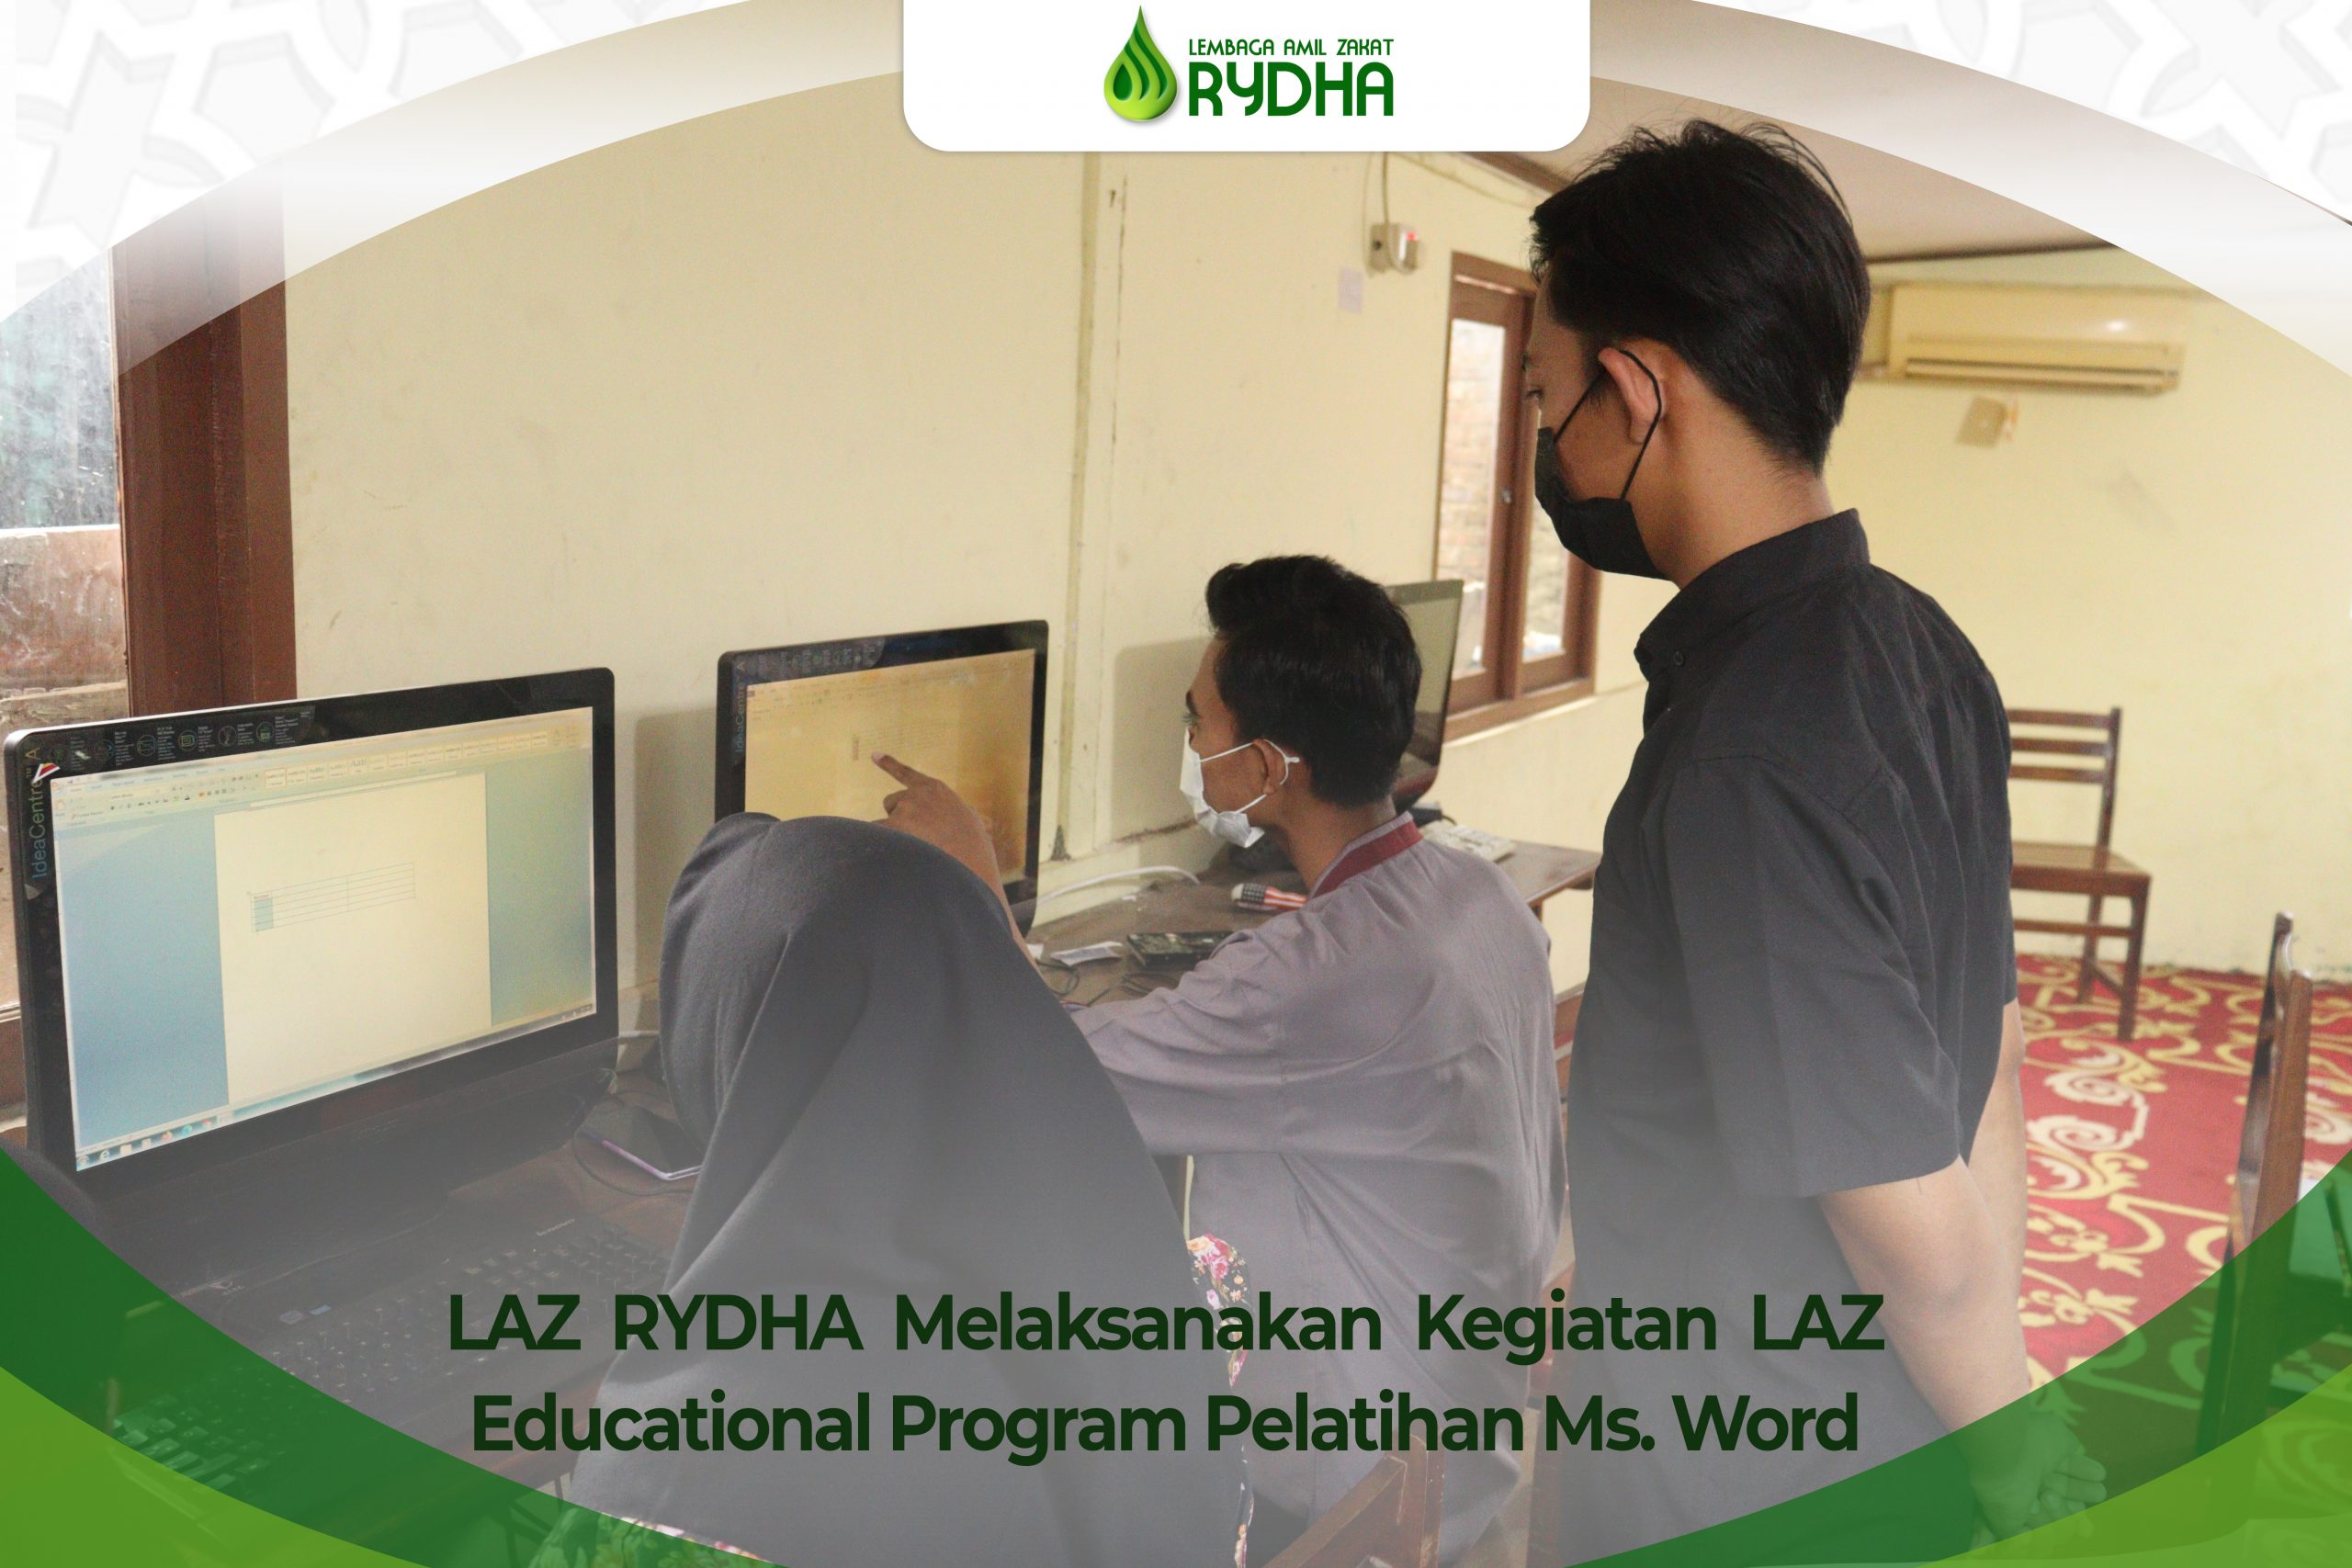 LAZ RYDHA Melaksanakan Kegiatan LAZ Educational Program Pelatihan Ms. Word